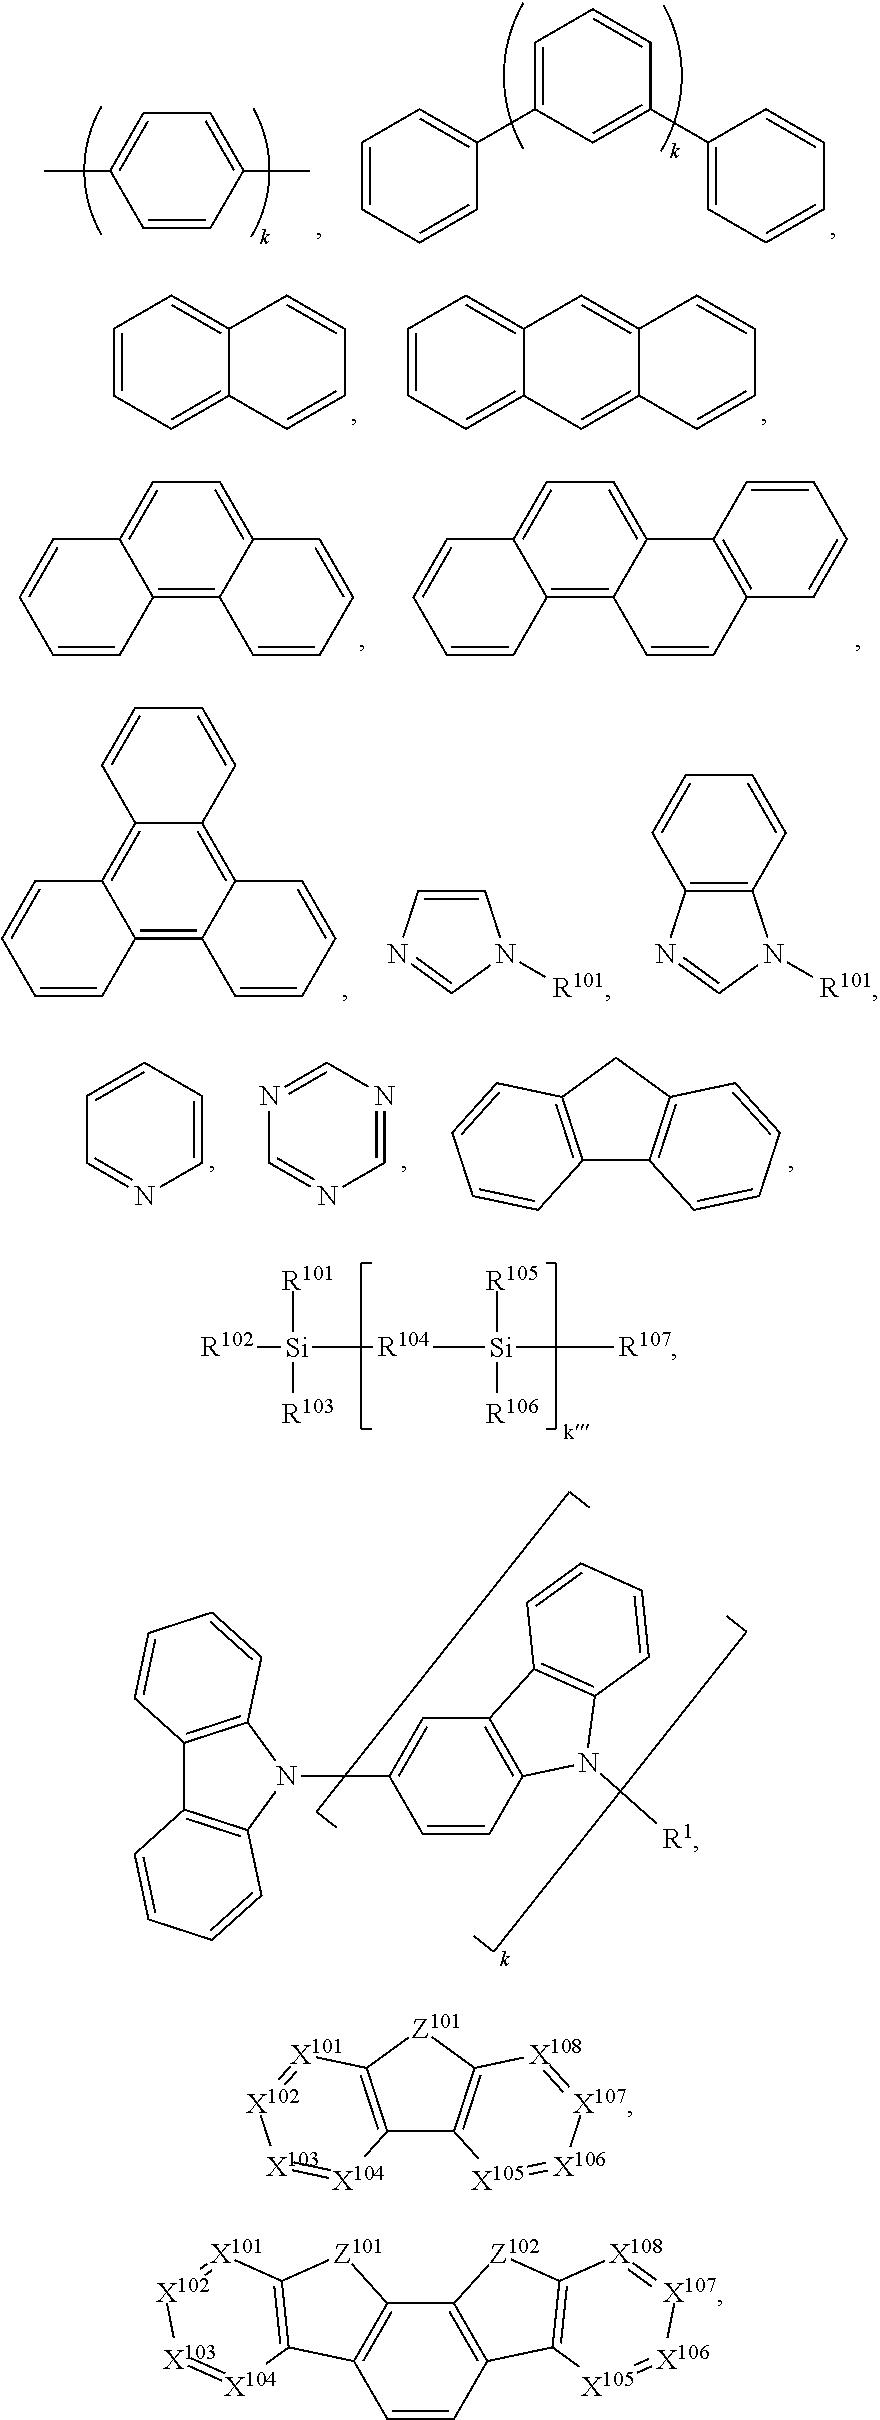 Figure US09450195-20160920-C00048